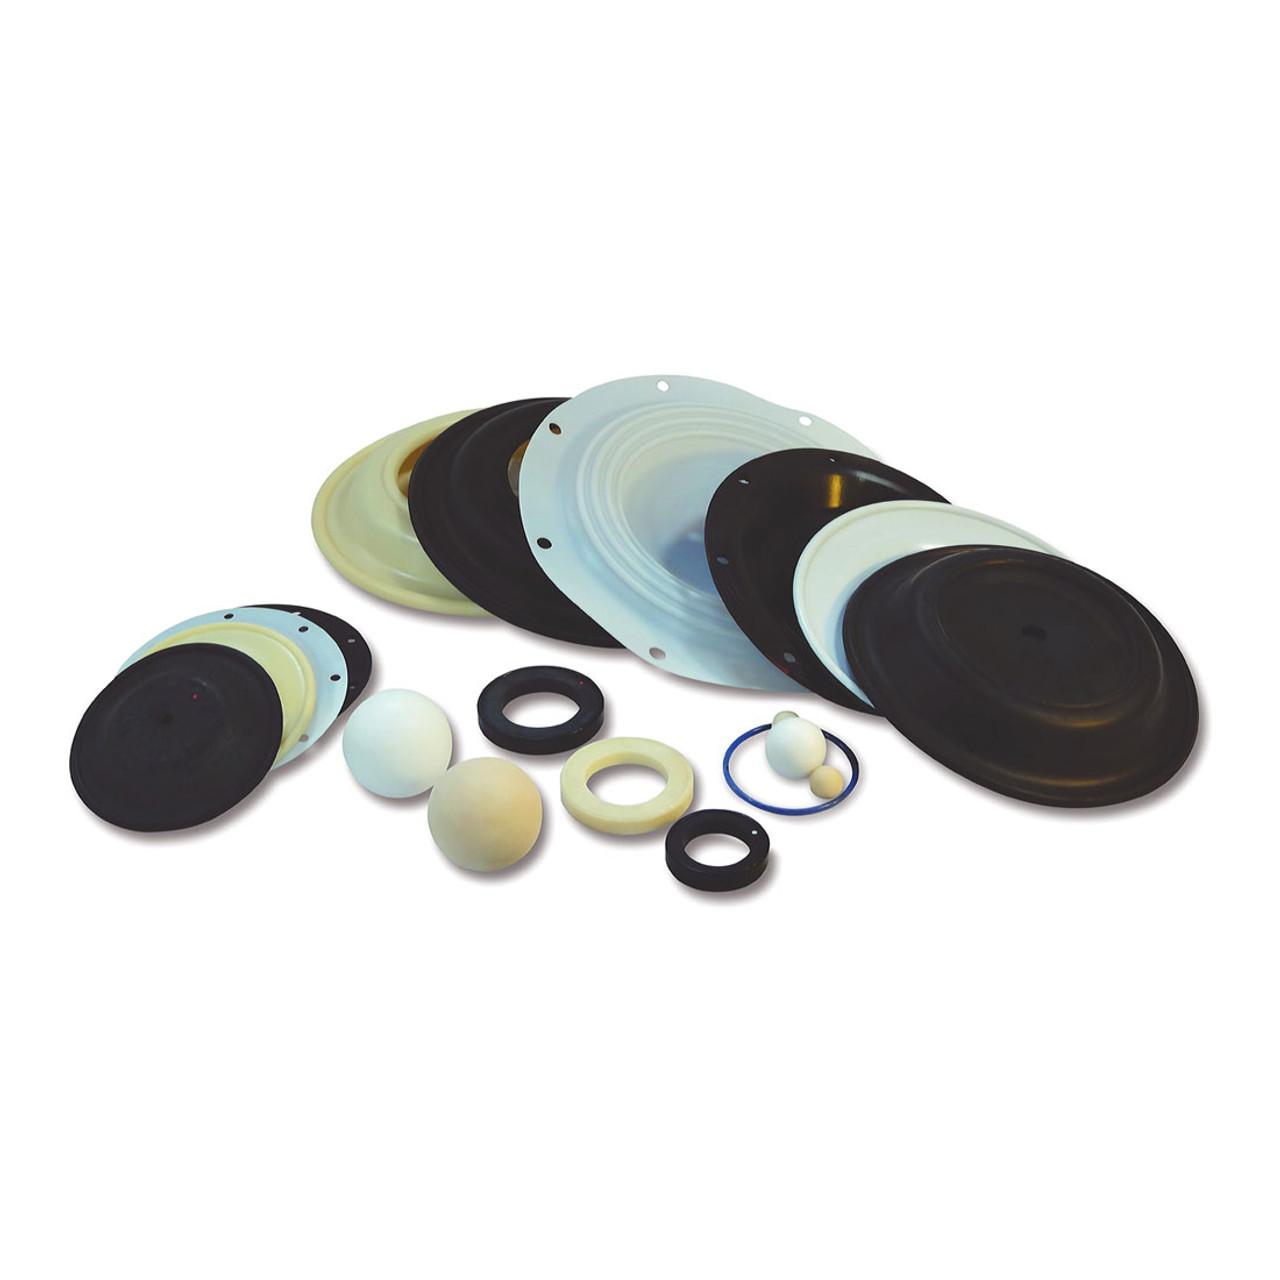 Santoprene elastomer repair kits for wilden 2 in t8 plastic pumps santoprene elastomer repair kits for wilden 2 in t8 plastic pumps ccuart Images